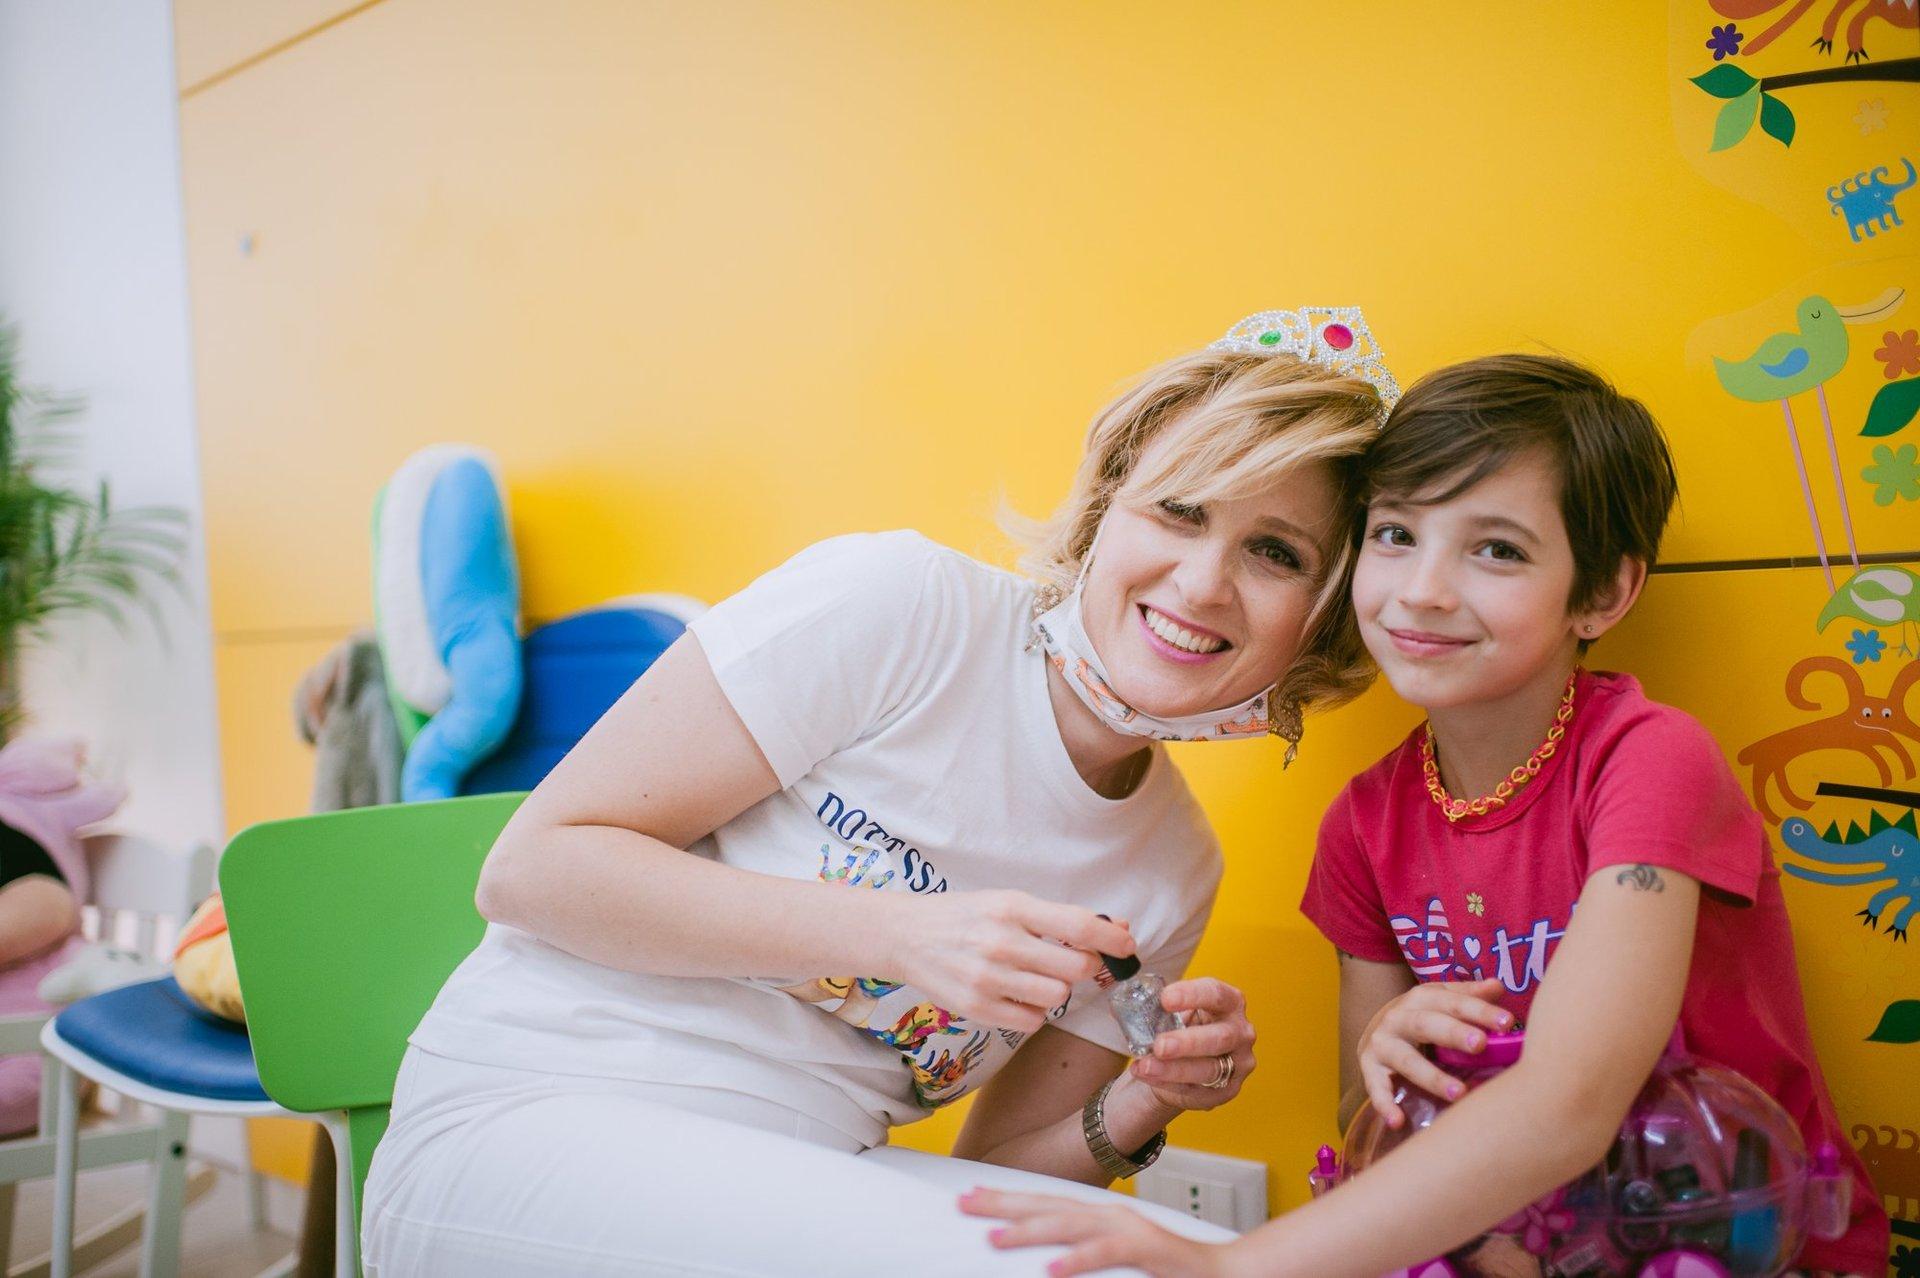 dottoressa sorride insieme a piccolo paziente